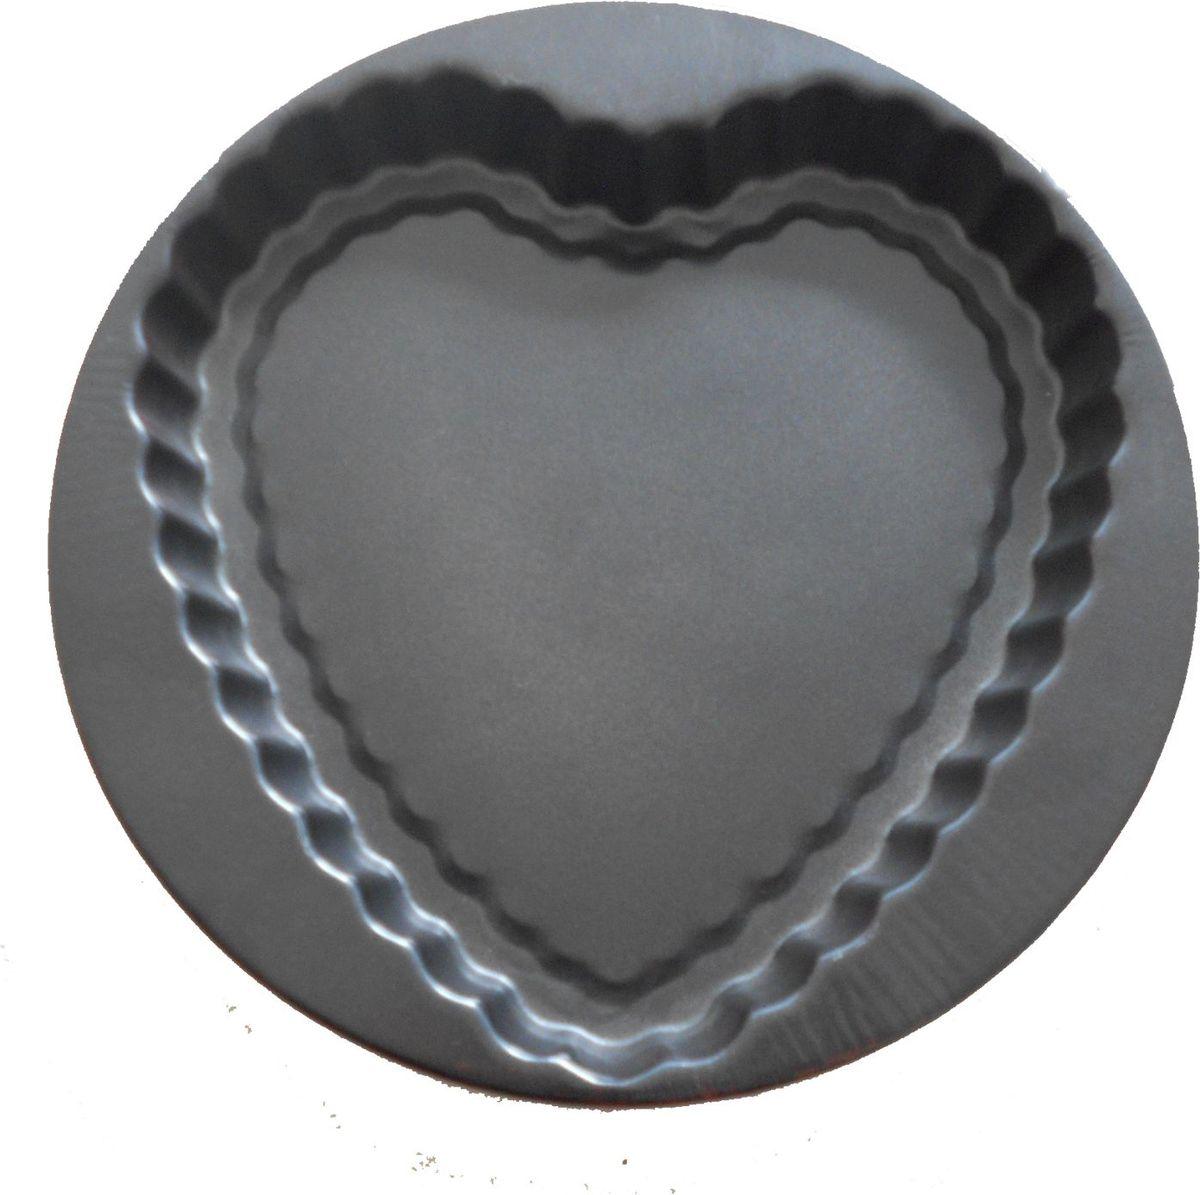 Форма для выпечки Irit, цвет: черный, 27 х 27 х 3,5 смIRH-934Форма для выпечки изготовлена из листового железа. Стойкое к истиранию антипригарное покрытие GOLDFLON. Подходит для использования в газовых и электрических духовках. Можно мыть в посудомоечной машине.